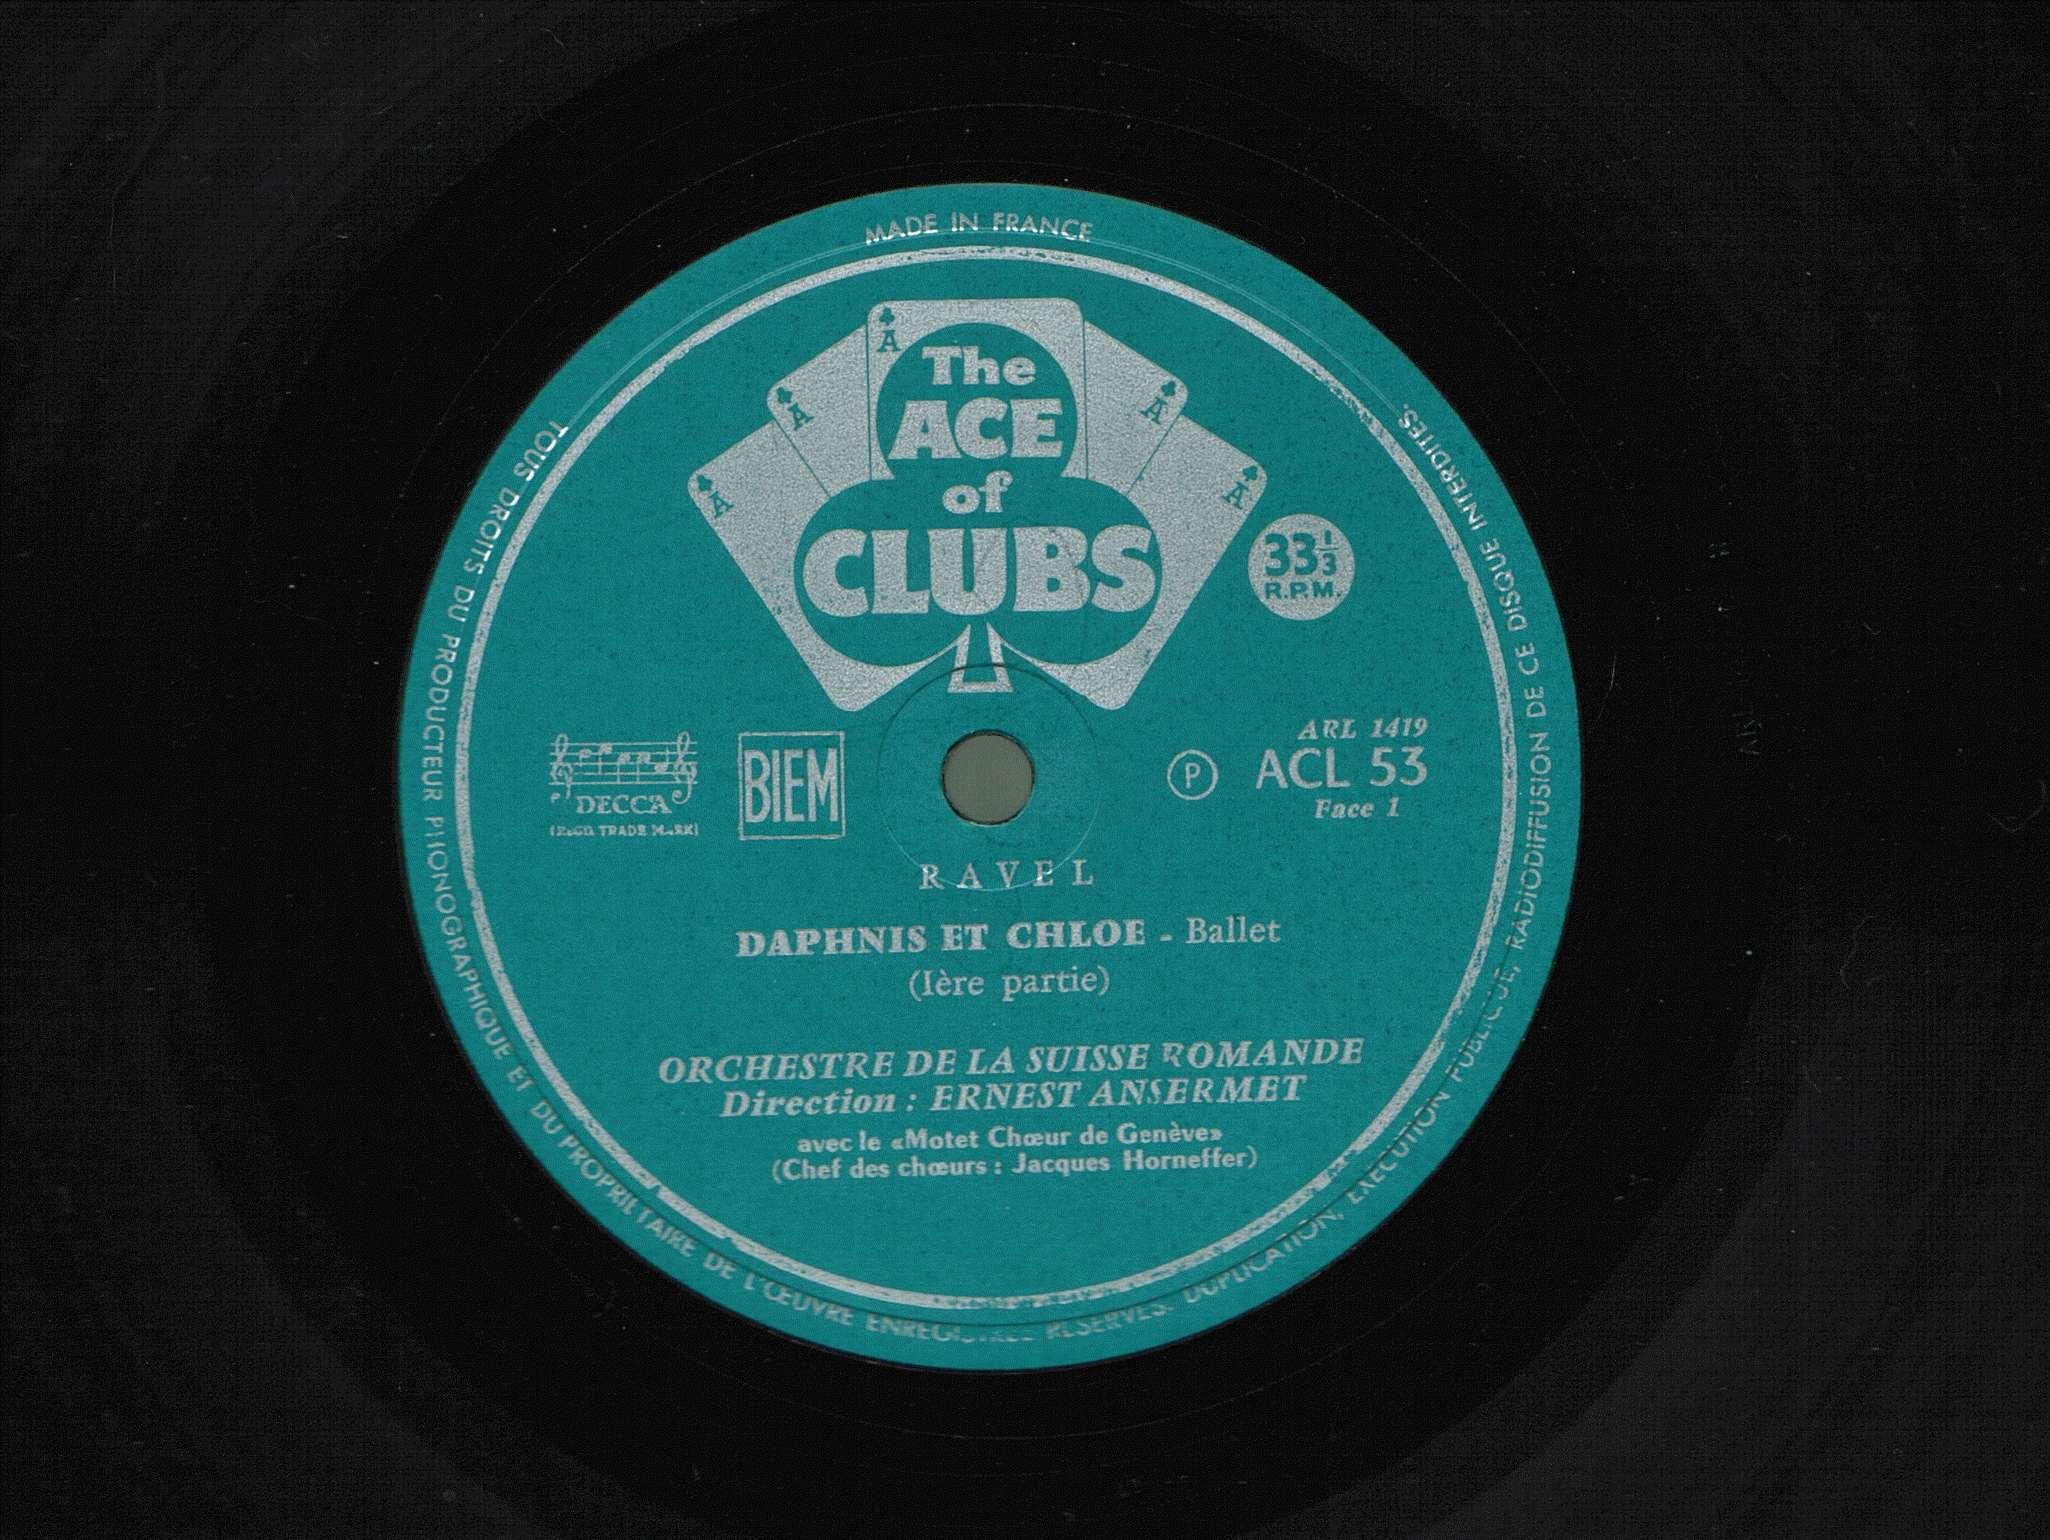 M. Ravel, Daphnis et Chloe, OSR, E. Ansermet, 1952, 2/8